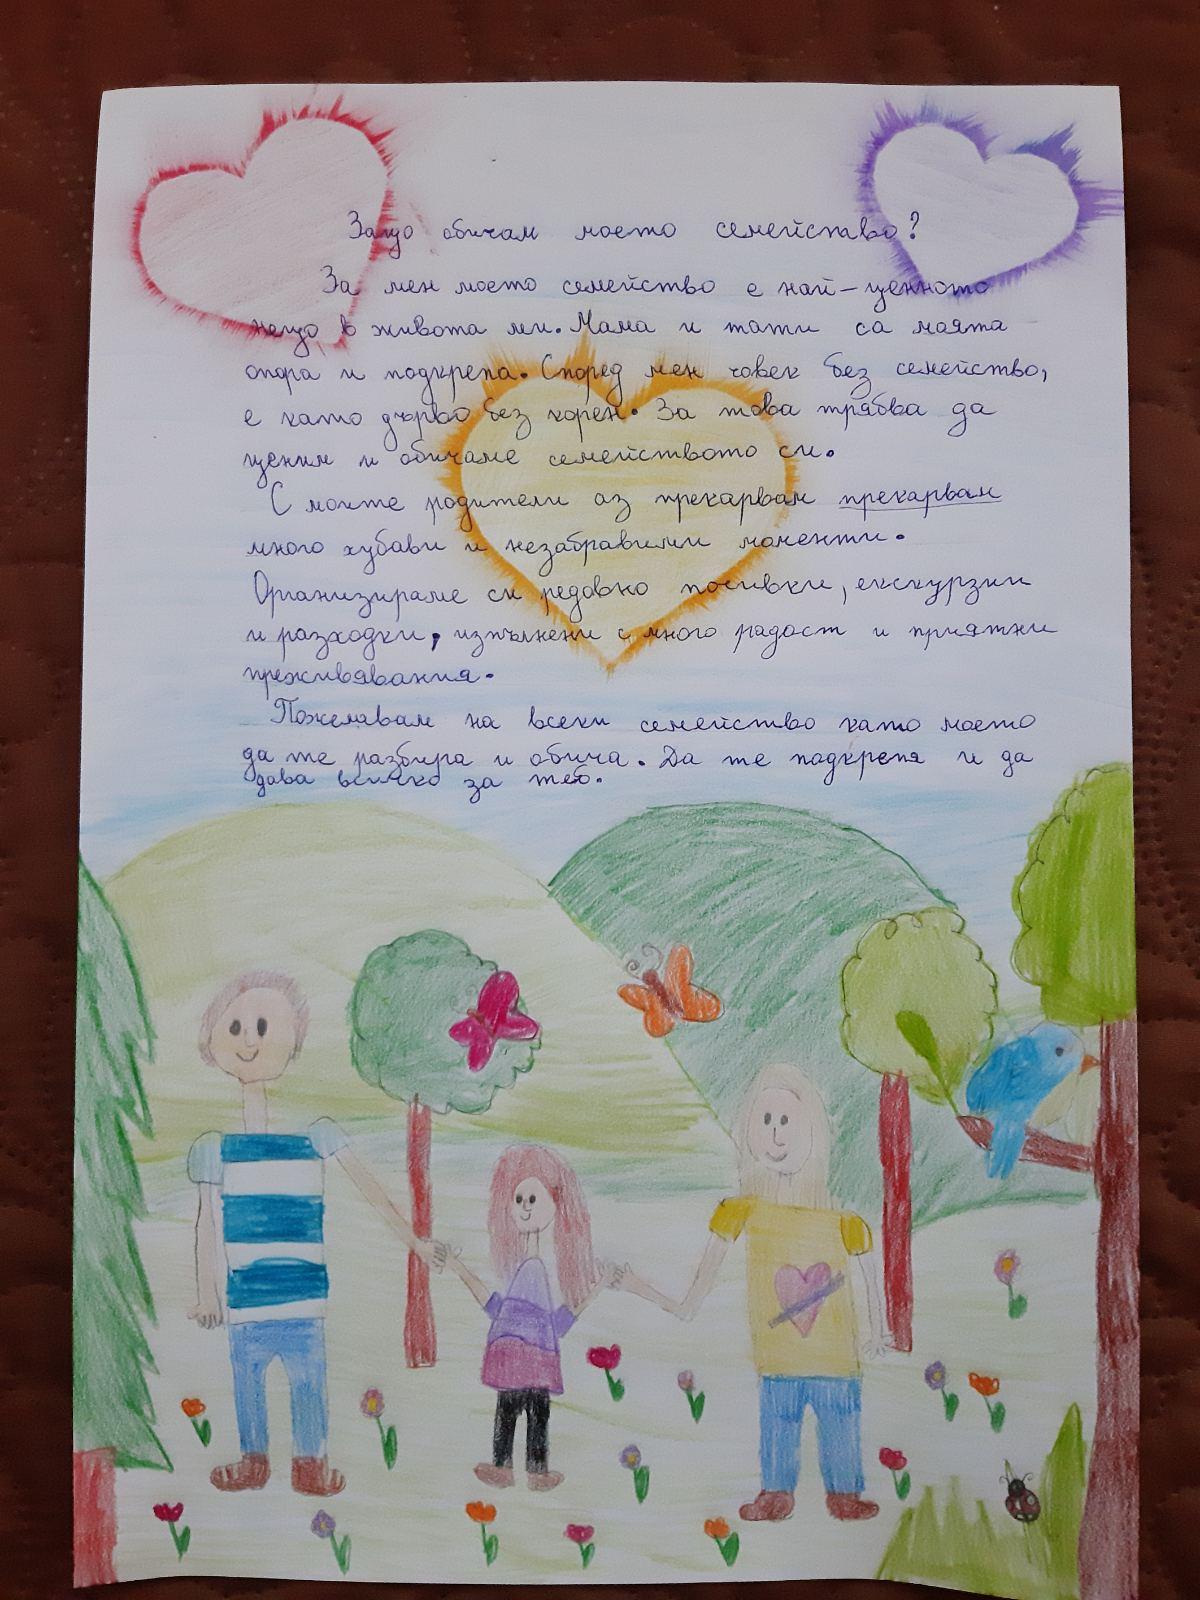 ЗАЩО ОБИЧАМ МОЕТО СЕМЕЙСТВО – КРАТКИ РАЗКАЗИ by Anita Kirilova Vasileva - Illustrated by АНИТА ВАСИЛЕВА - главен учител - Ourboox.com